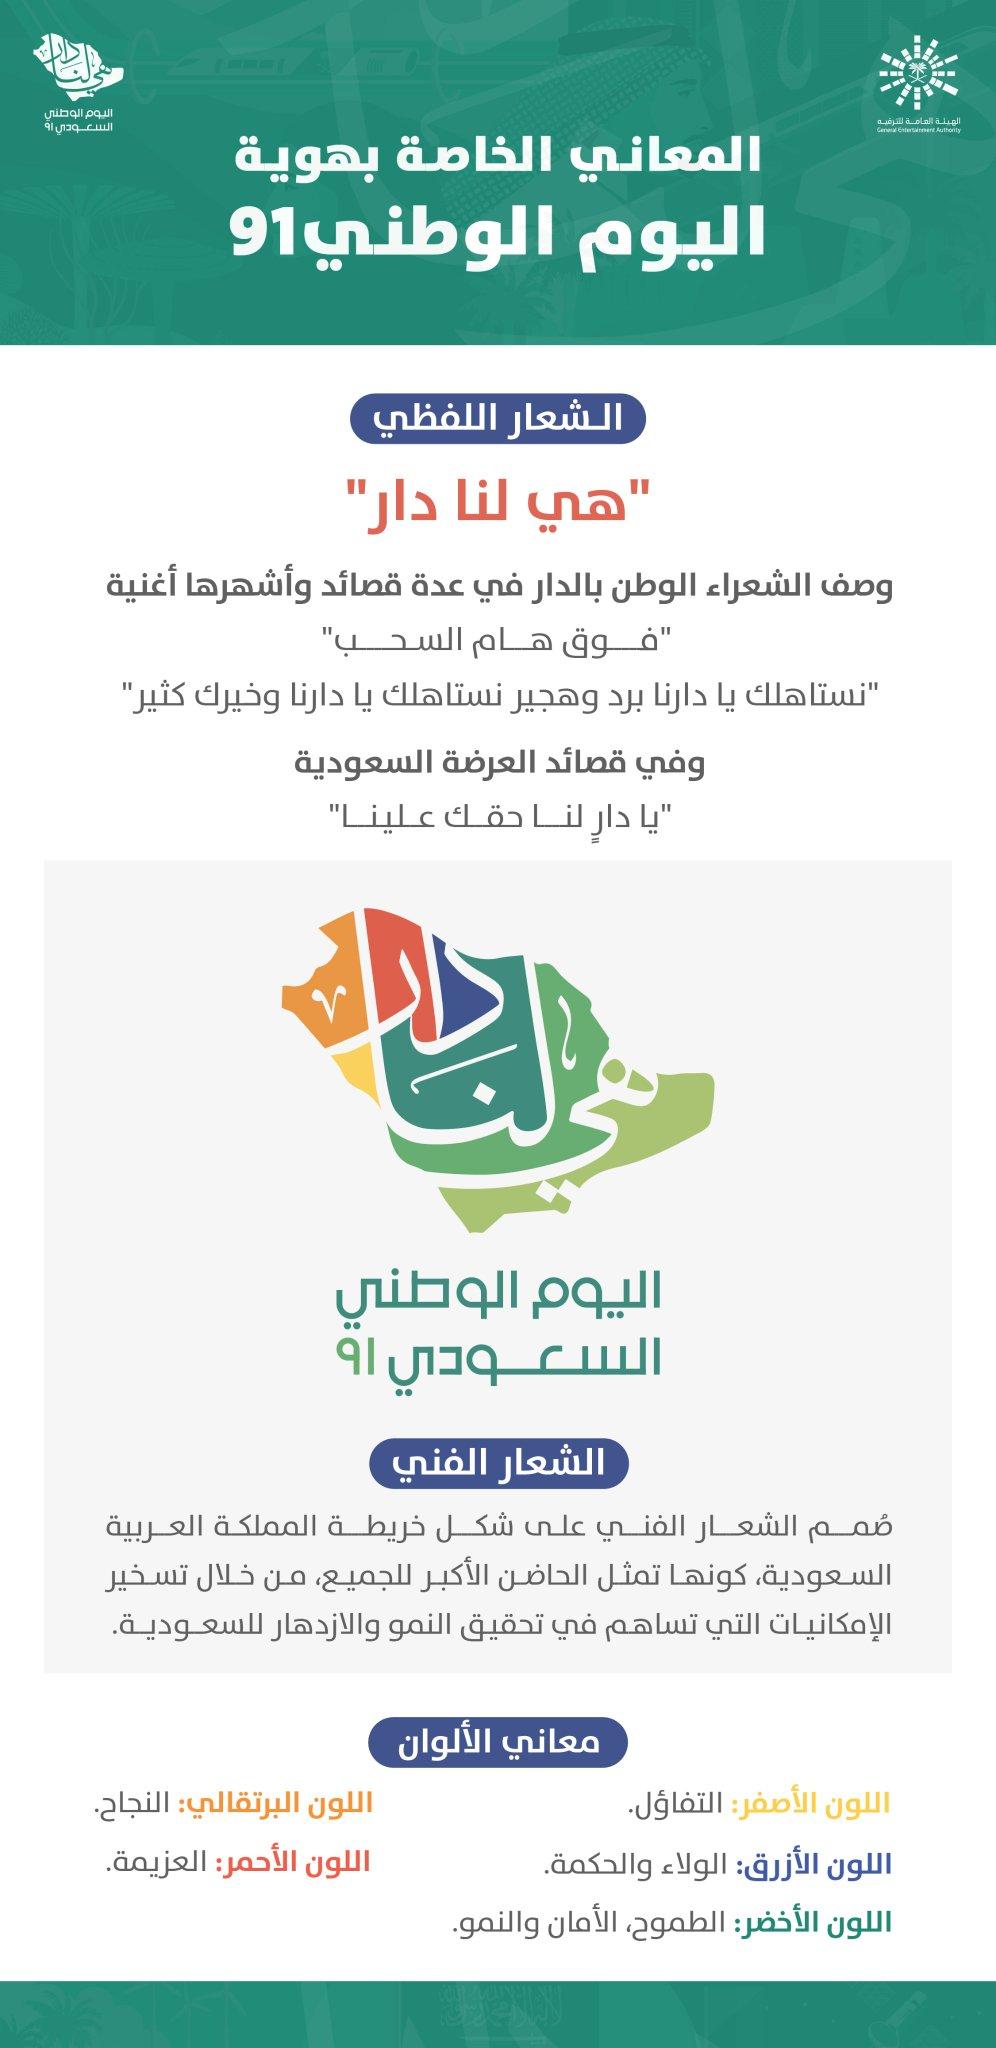 هوية اليوم الوطني السعودي  9fa1bd10